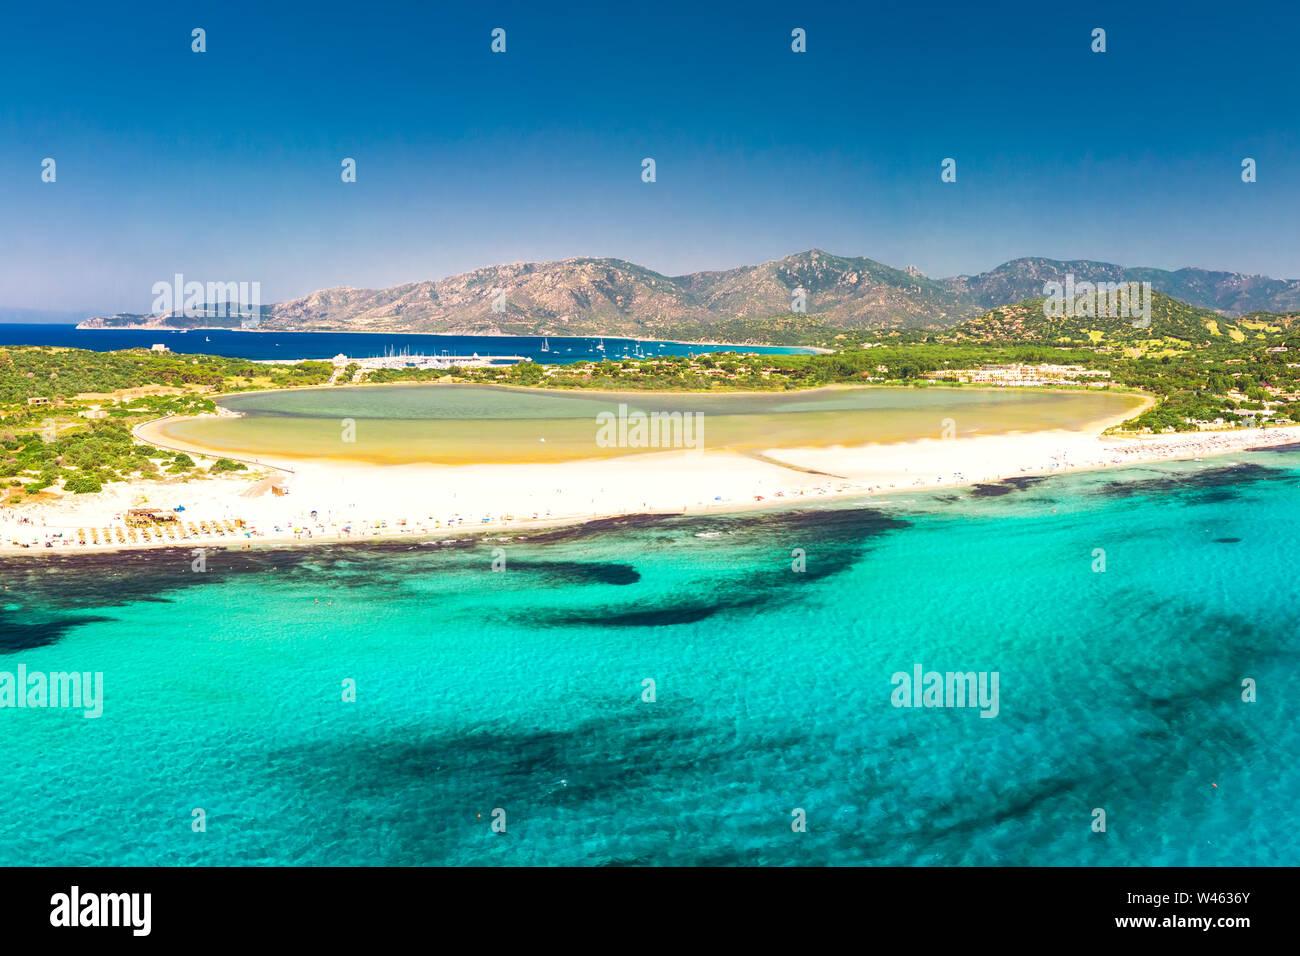 Plage de Porto Giunco, Villasimius, Sardaigne, Italie. La Sardaigne est la deuxième plus grande île de la mer Méditerranée. Banque D'Images